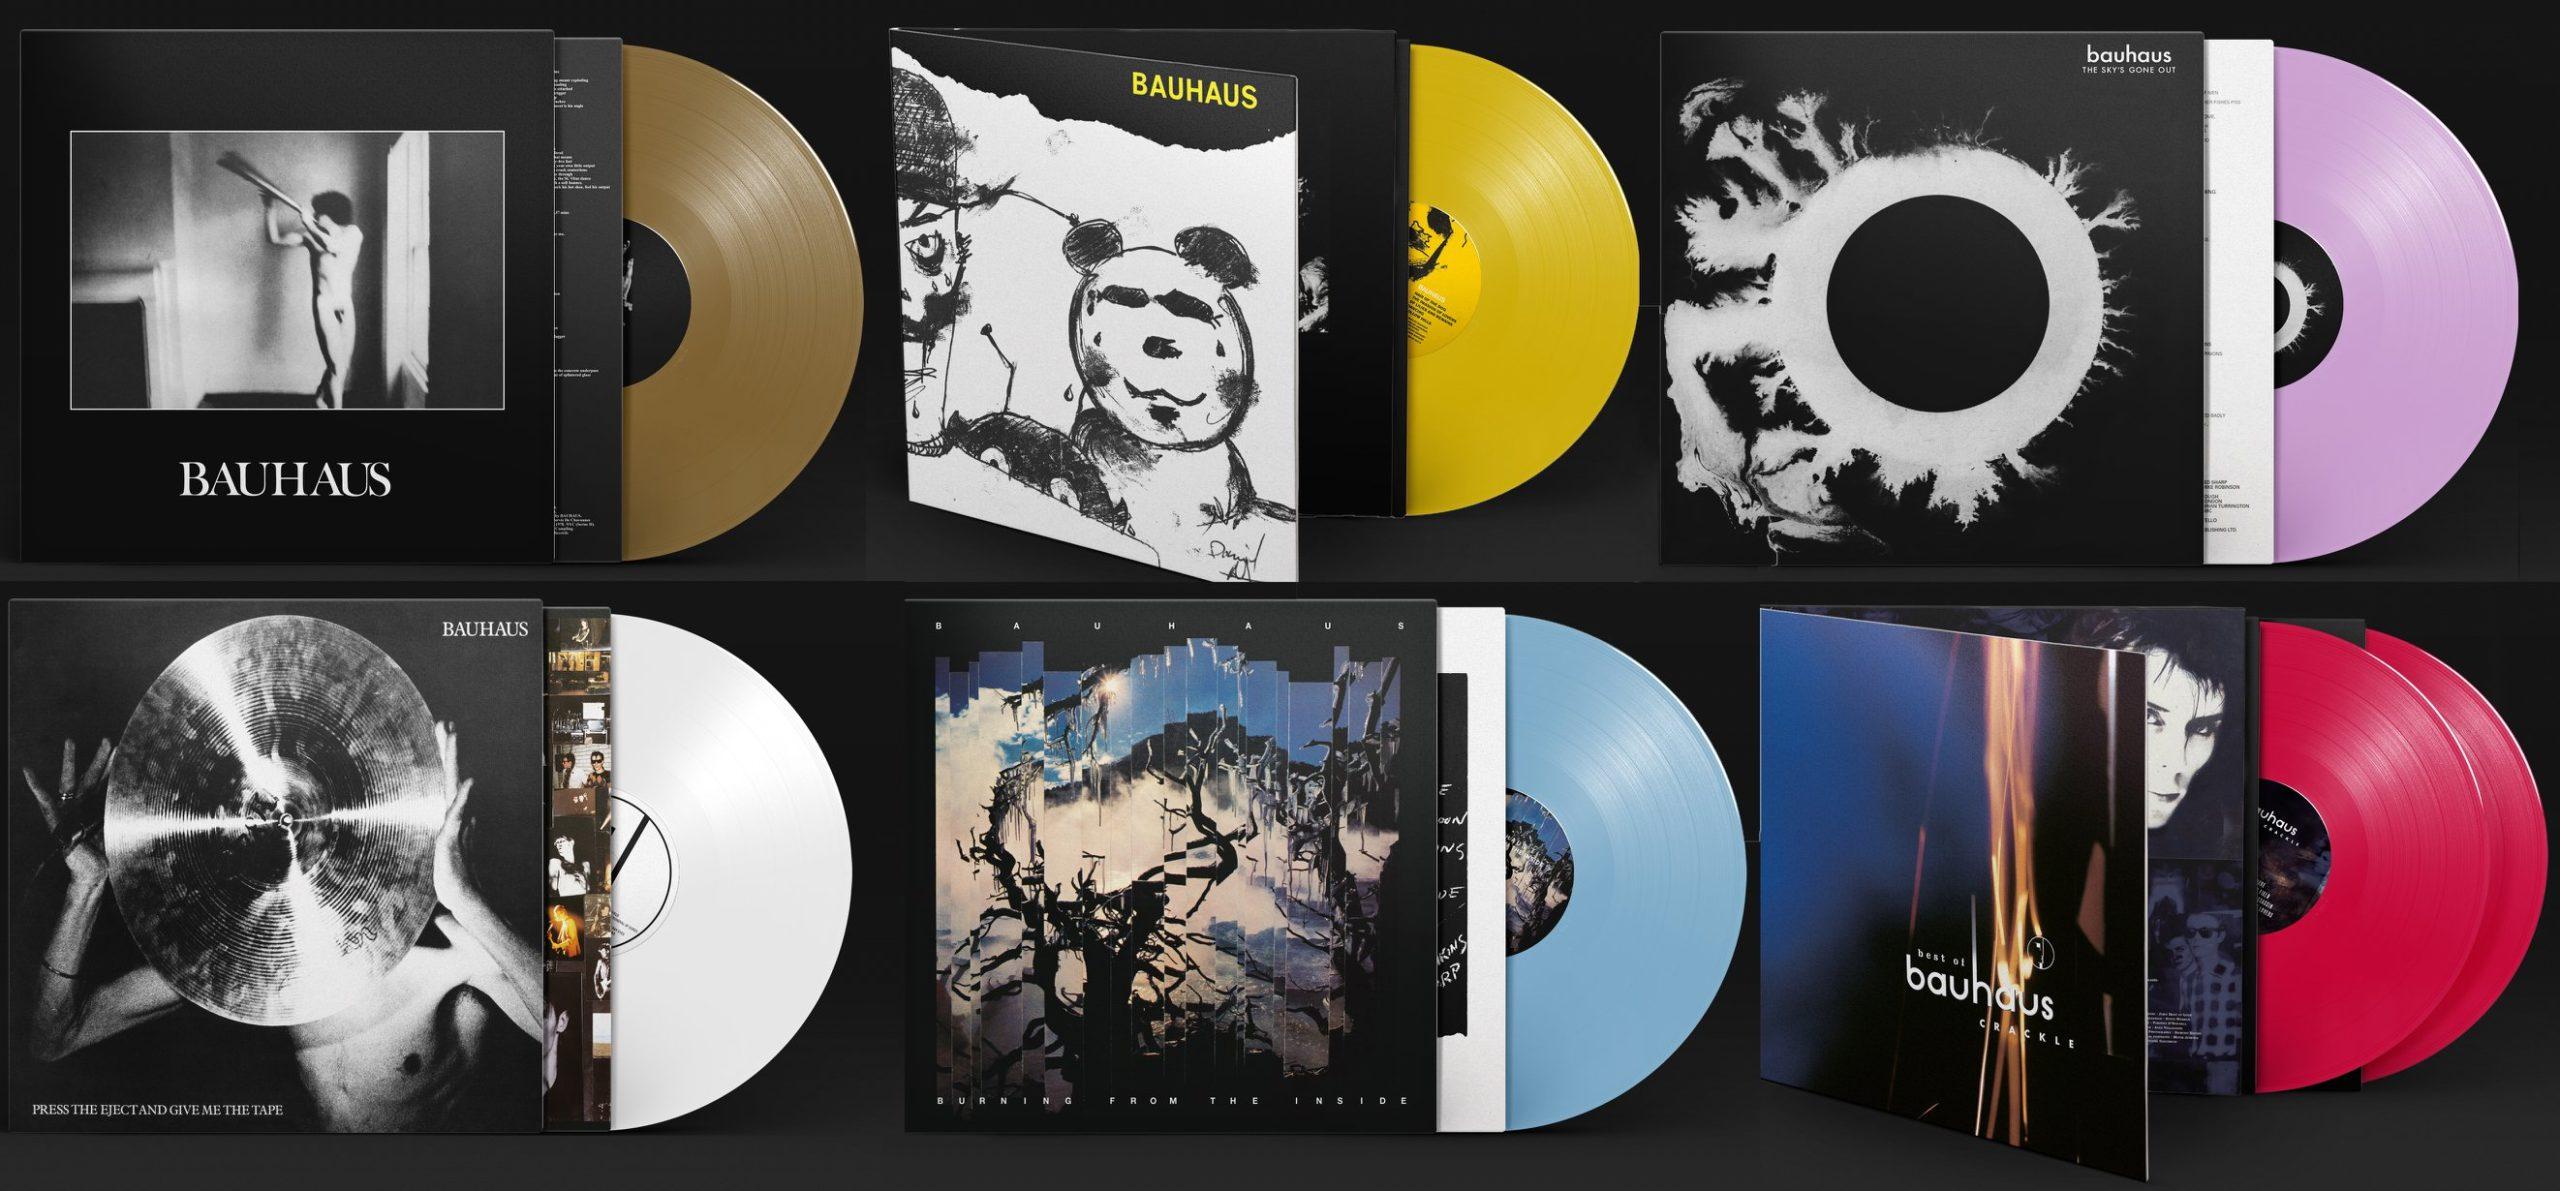 Bauhaus vinyl reissues